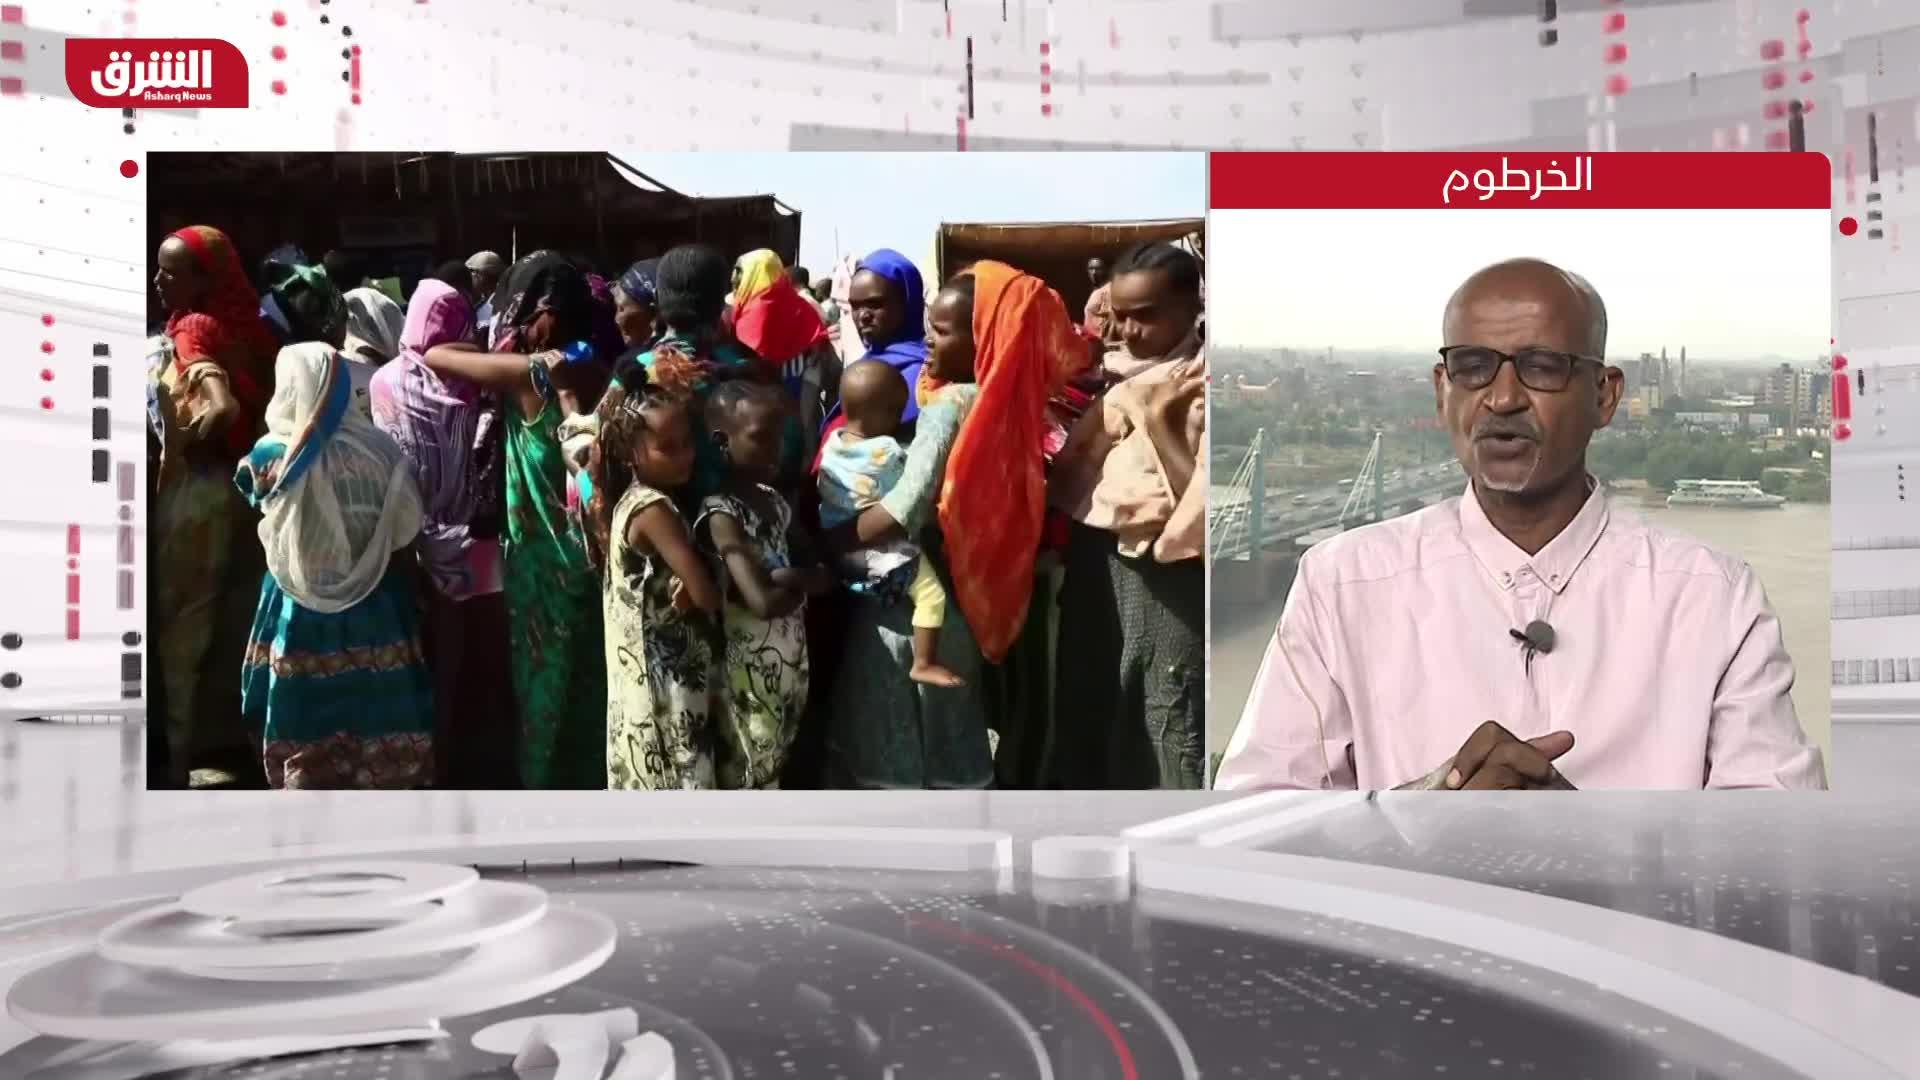 كيف ترى مصير النازحين الإثيوبيين وانعكاسات الأزمة على السودان؟